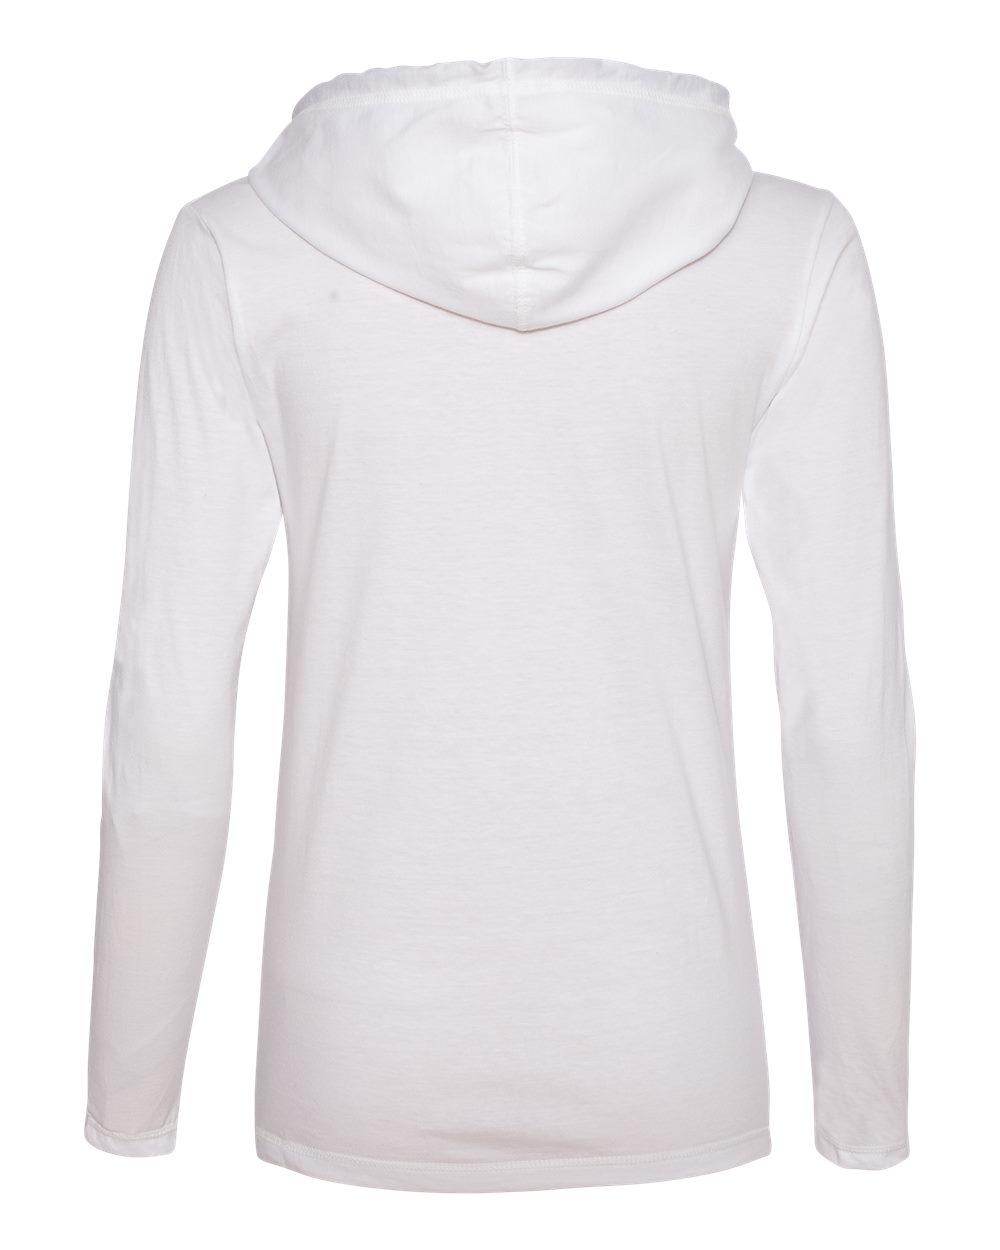 Women 39 S Lightweight Long Sleeve Hooded Tee Holyshirt